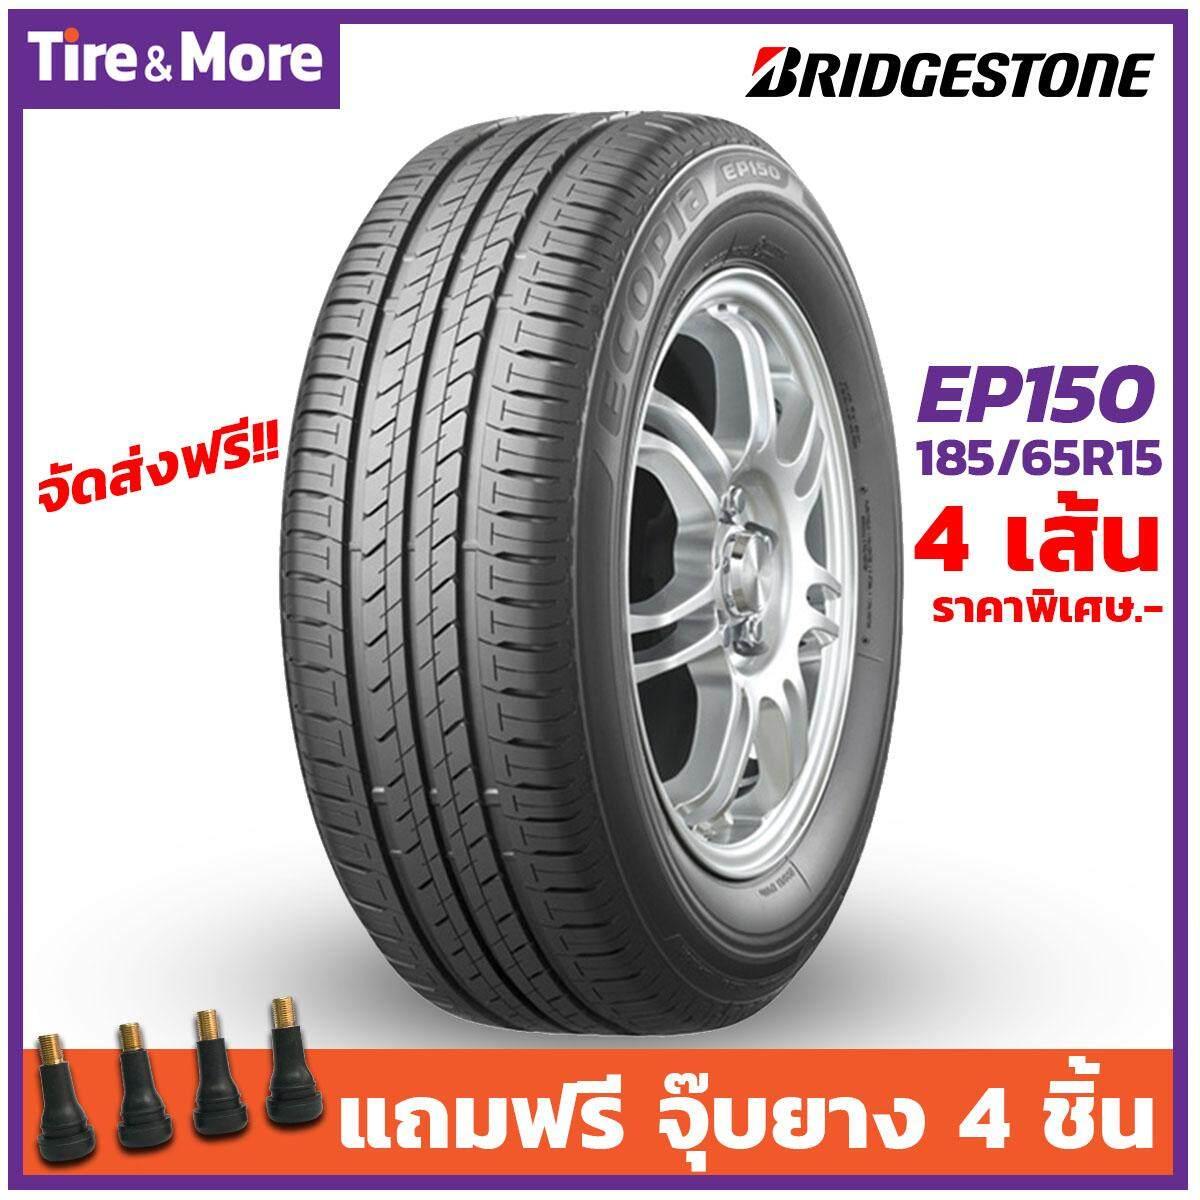 ประกันภัย รถยนต์ แบบ ผ่อน ได้ แม่ฮ่องสอน 185/65R15 ยางรถยนต์ Bridgestone EP150 4 เส้น [แถมฟรีจุ๊บลมยาง 4 ชิ้น] บริสโตน